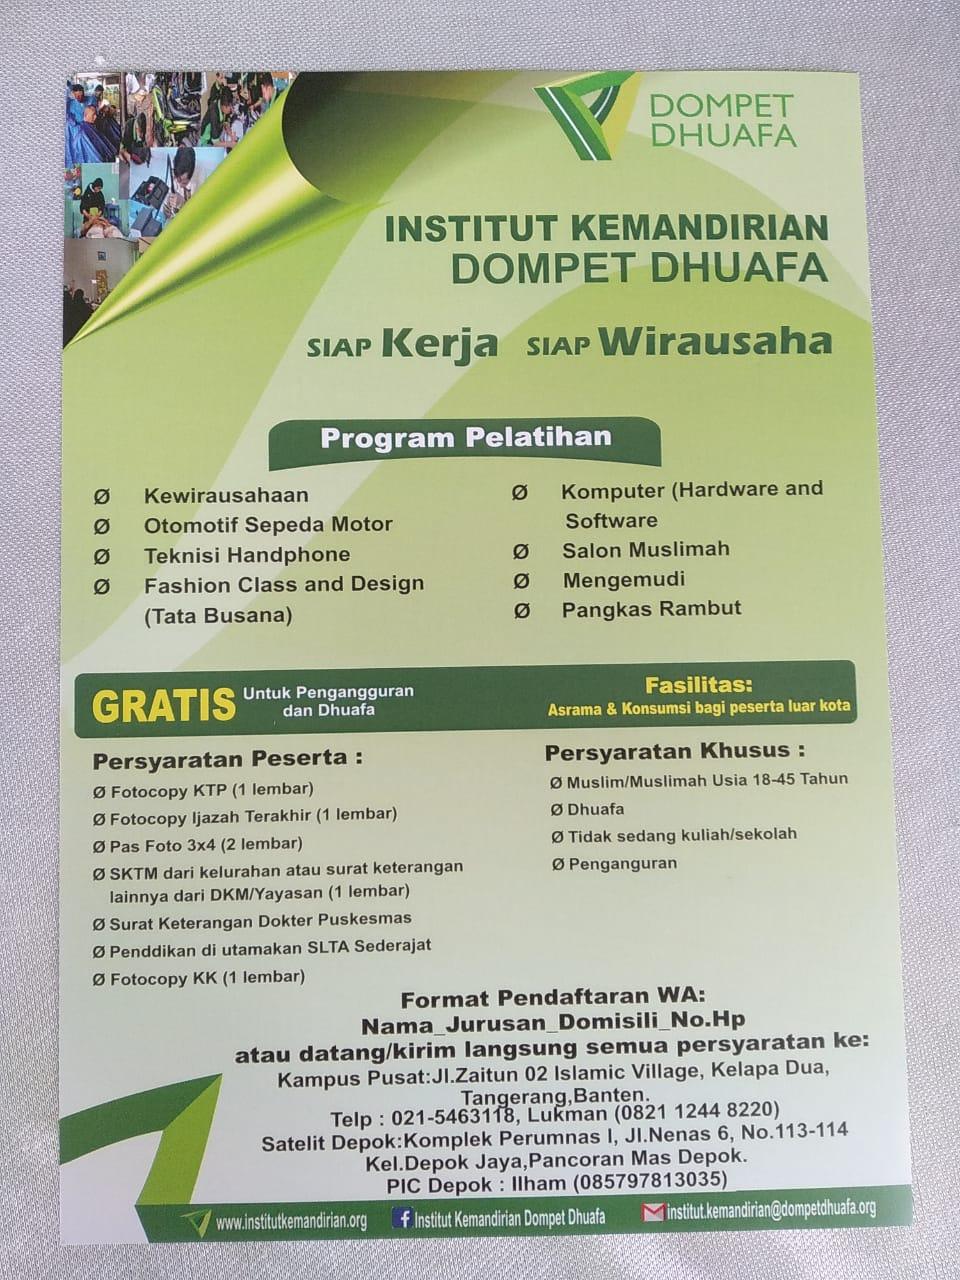 Ini cara untuk mendaftar di Pelatihan Kemandirian Wakayapa.